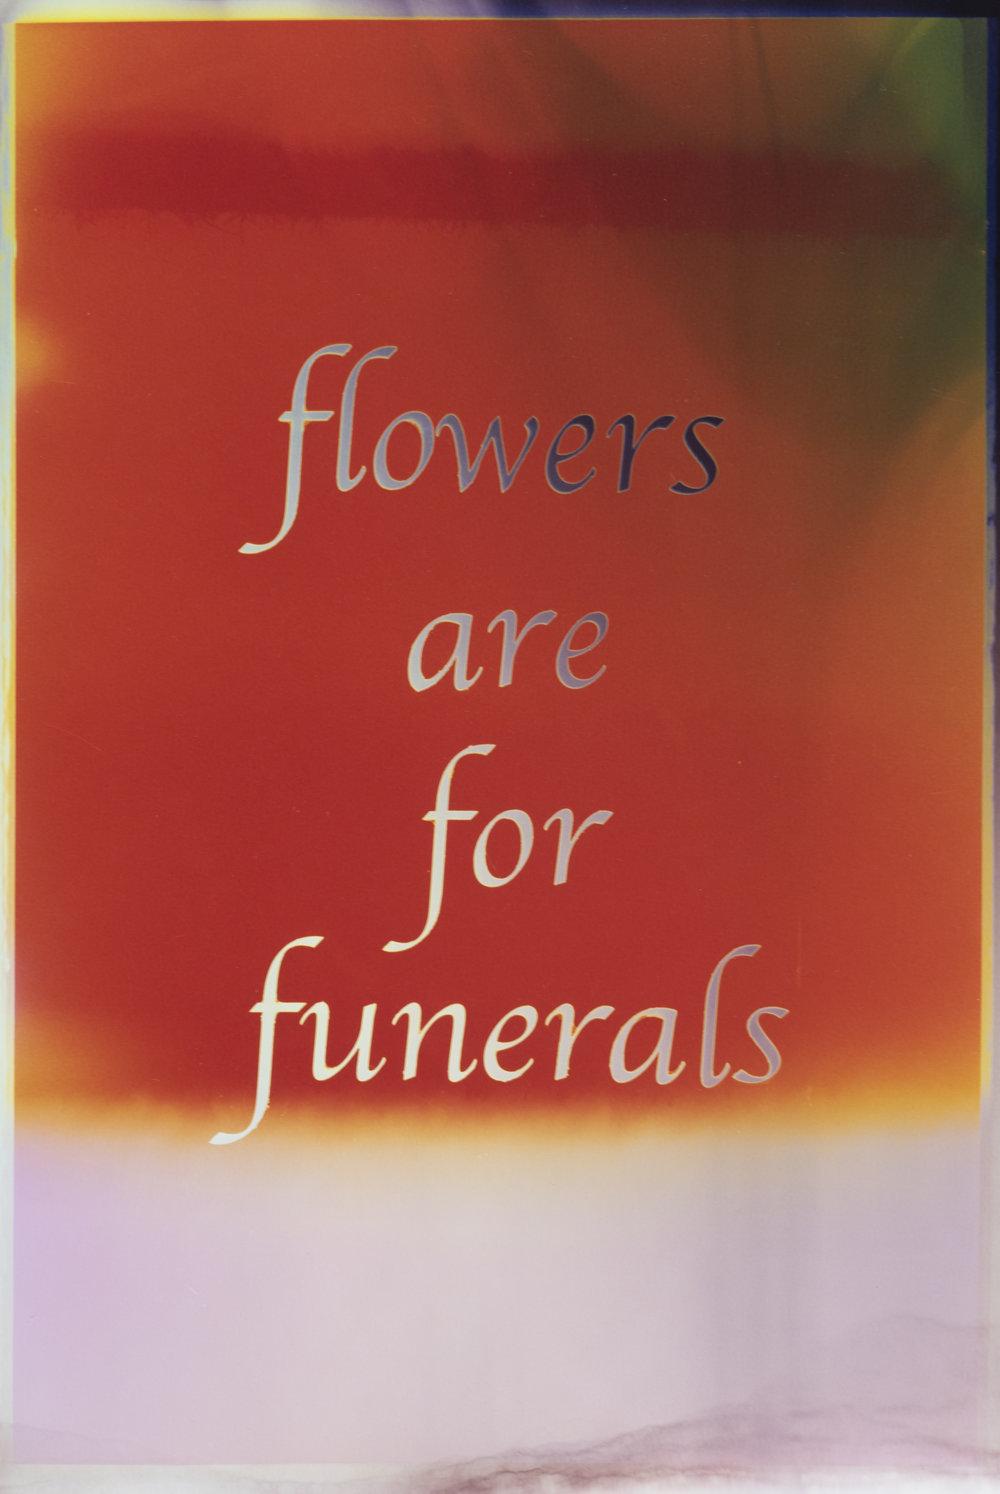 MHM_FlowersForFunerals-7.jpg